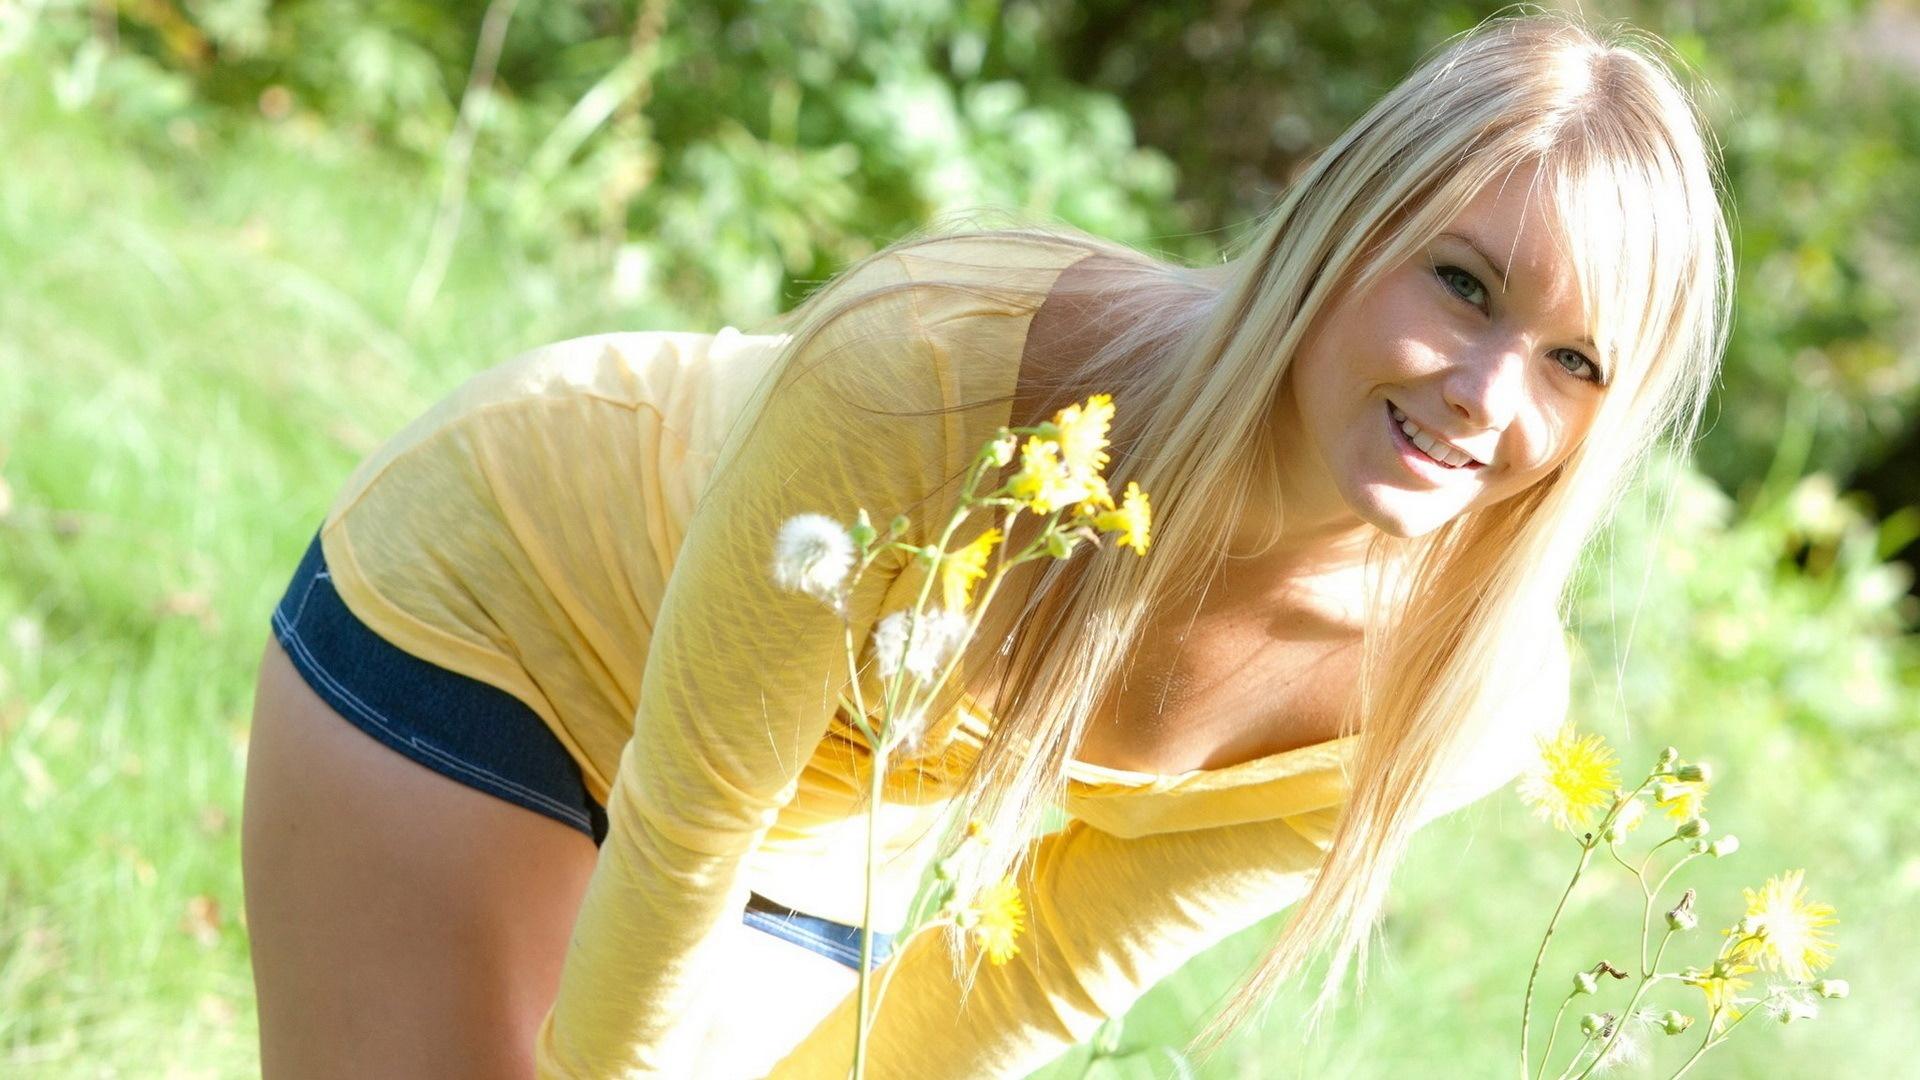 Эротика на речке от расшалившейся сексуальной блондинки летом  439740